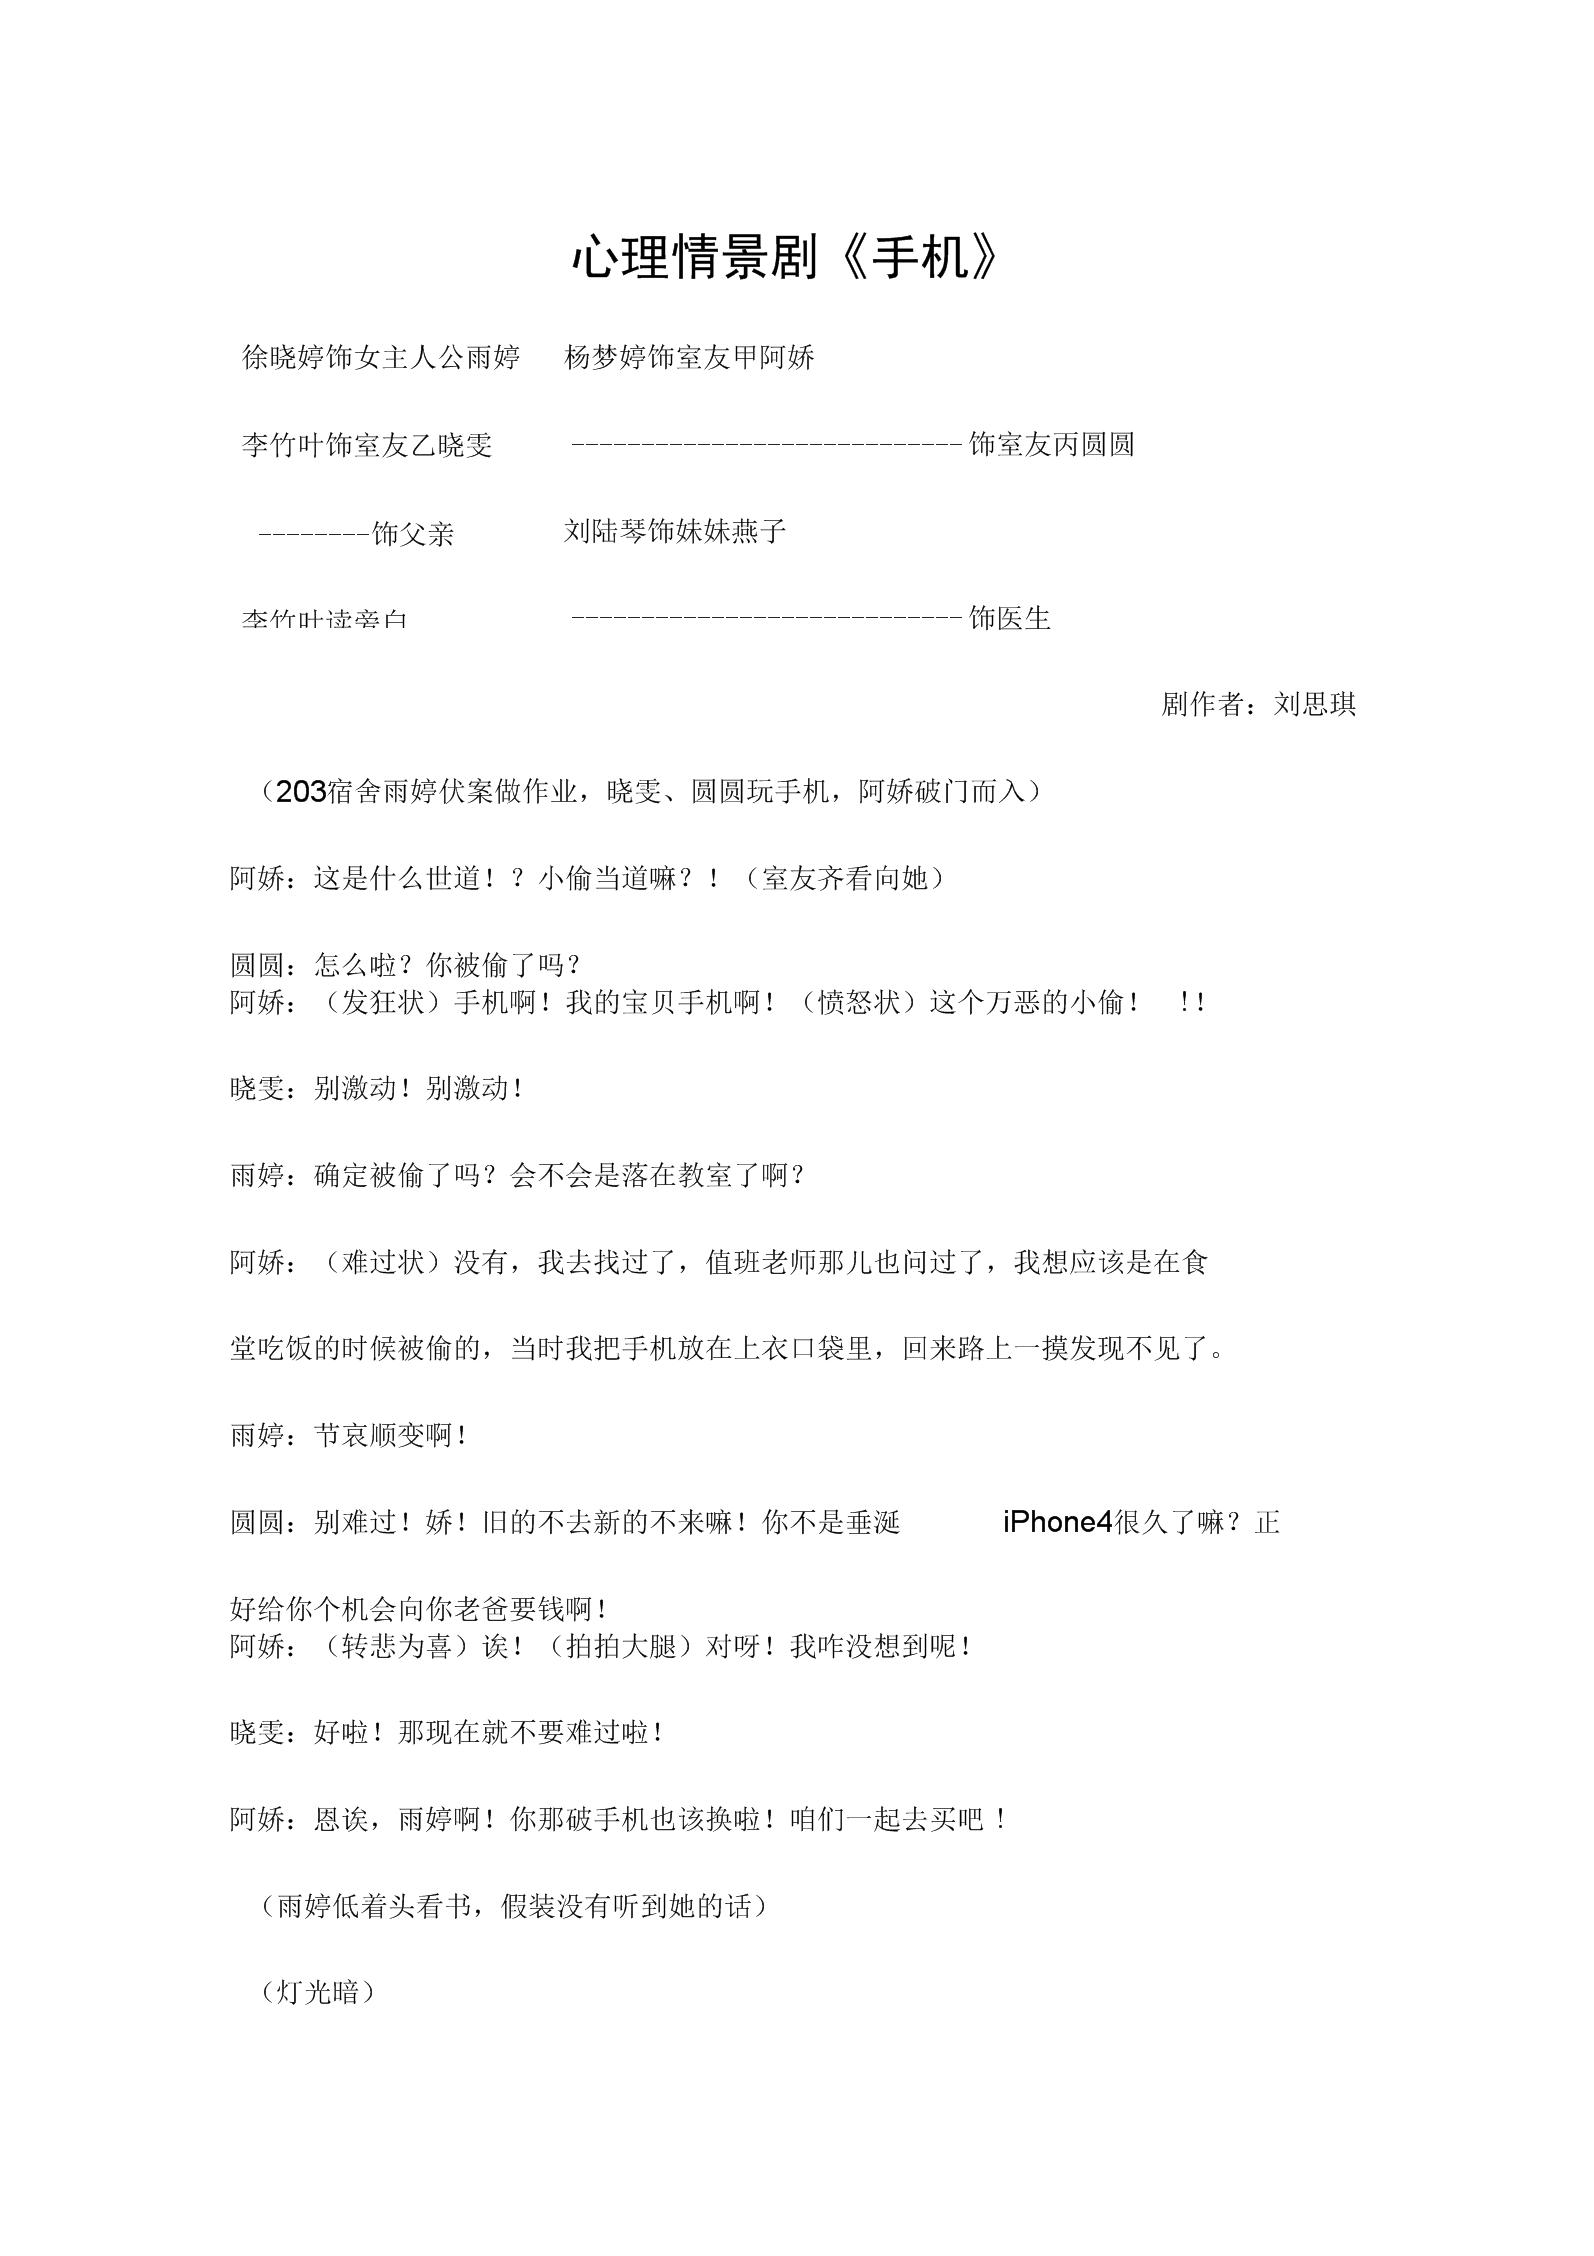 2020年新版心理情景剧.docx